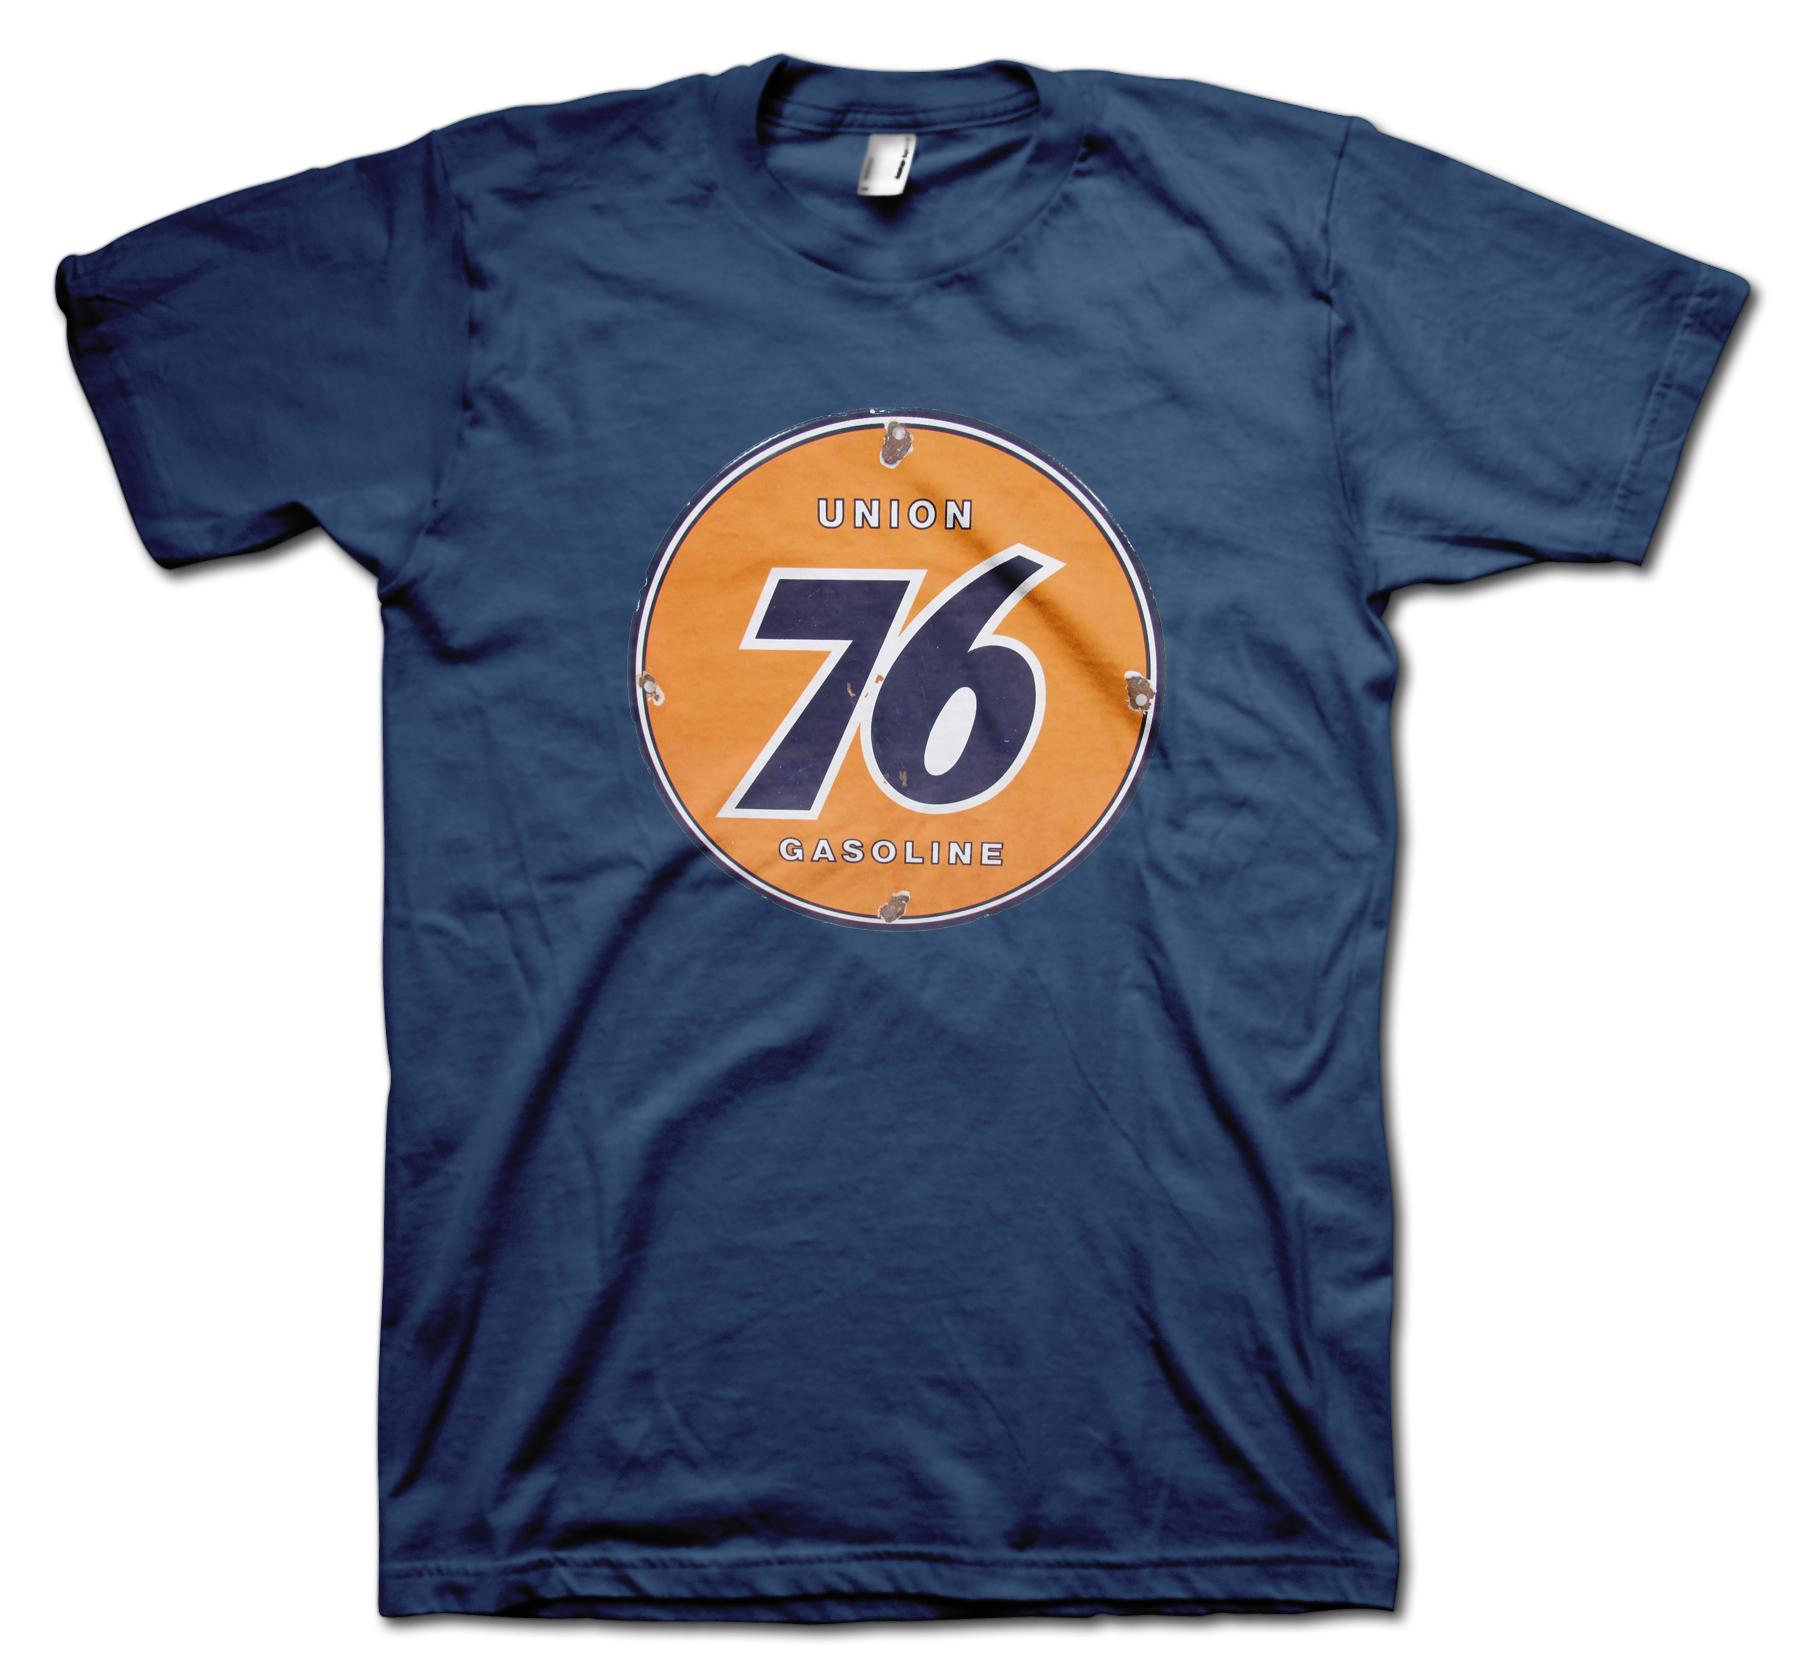 Union 76 retro t shirt for Vintage t shirt company